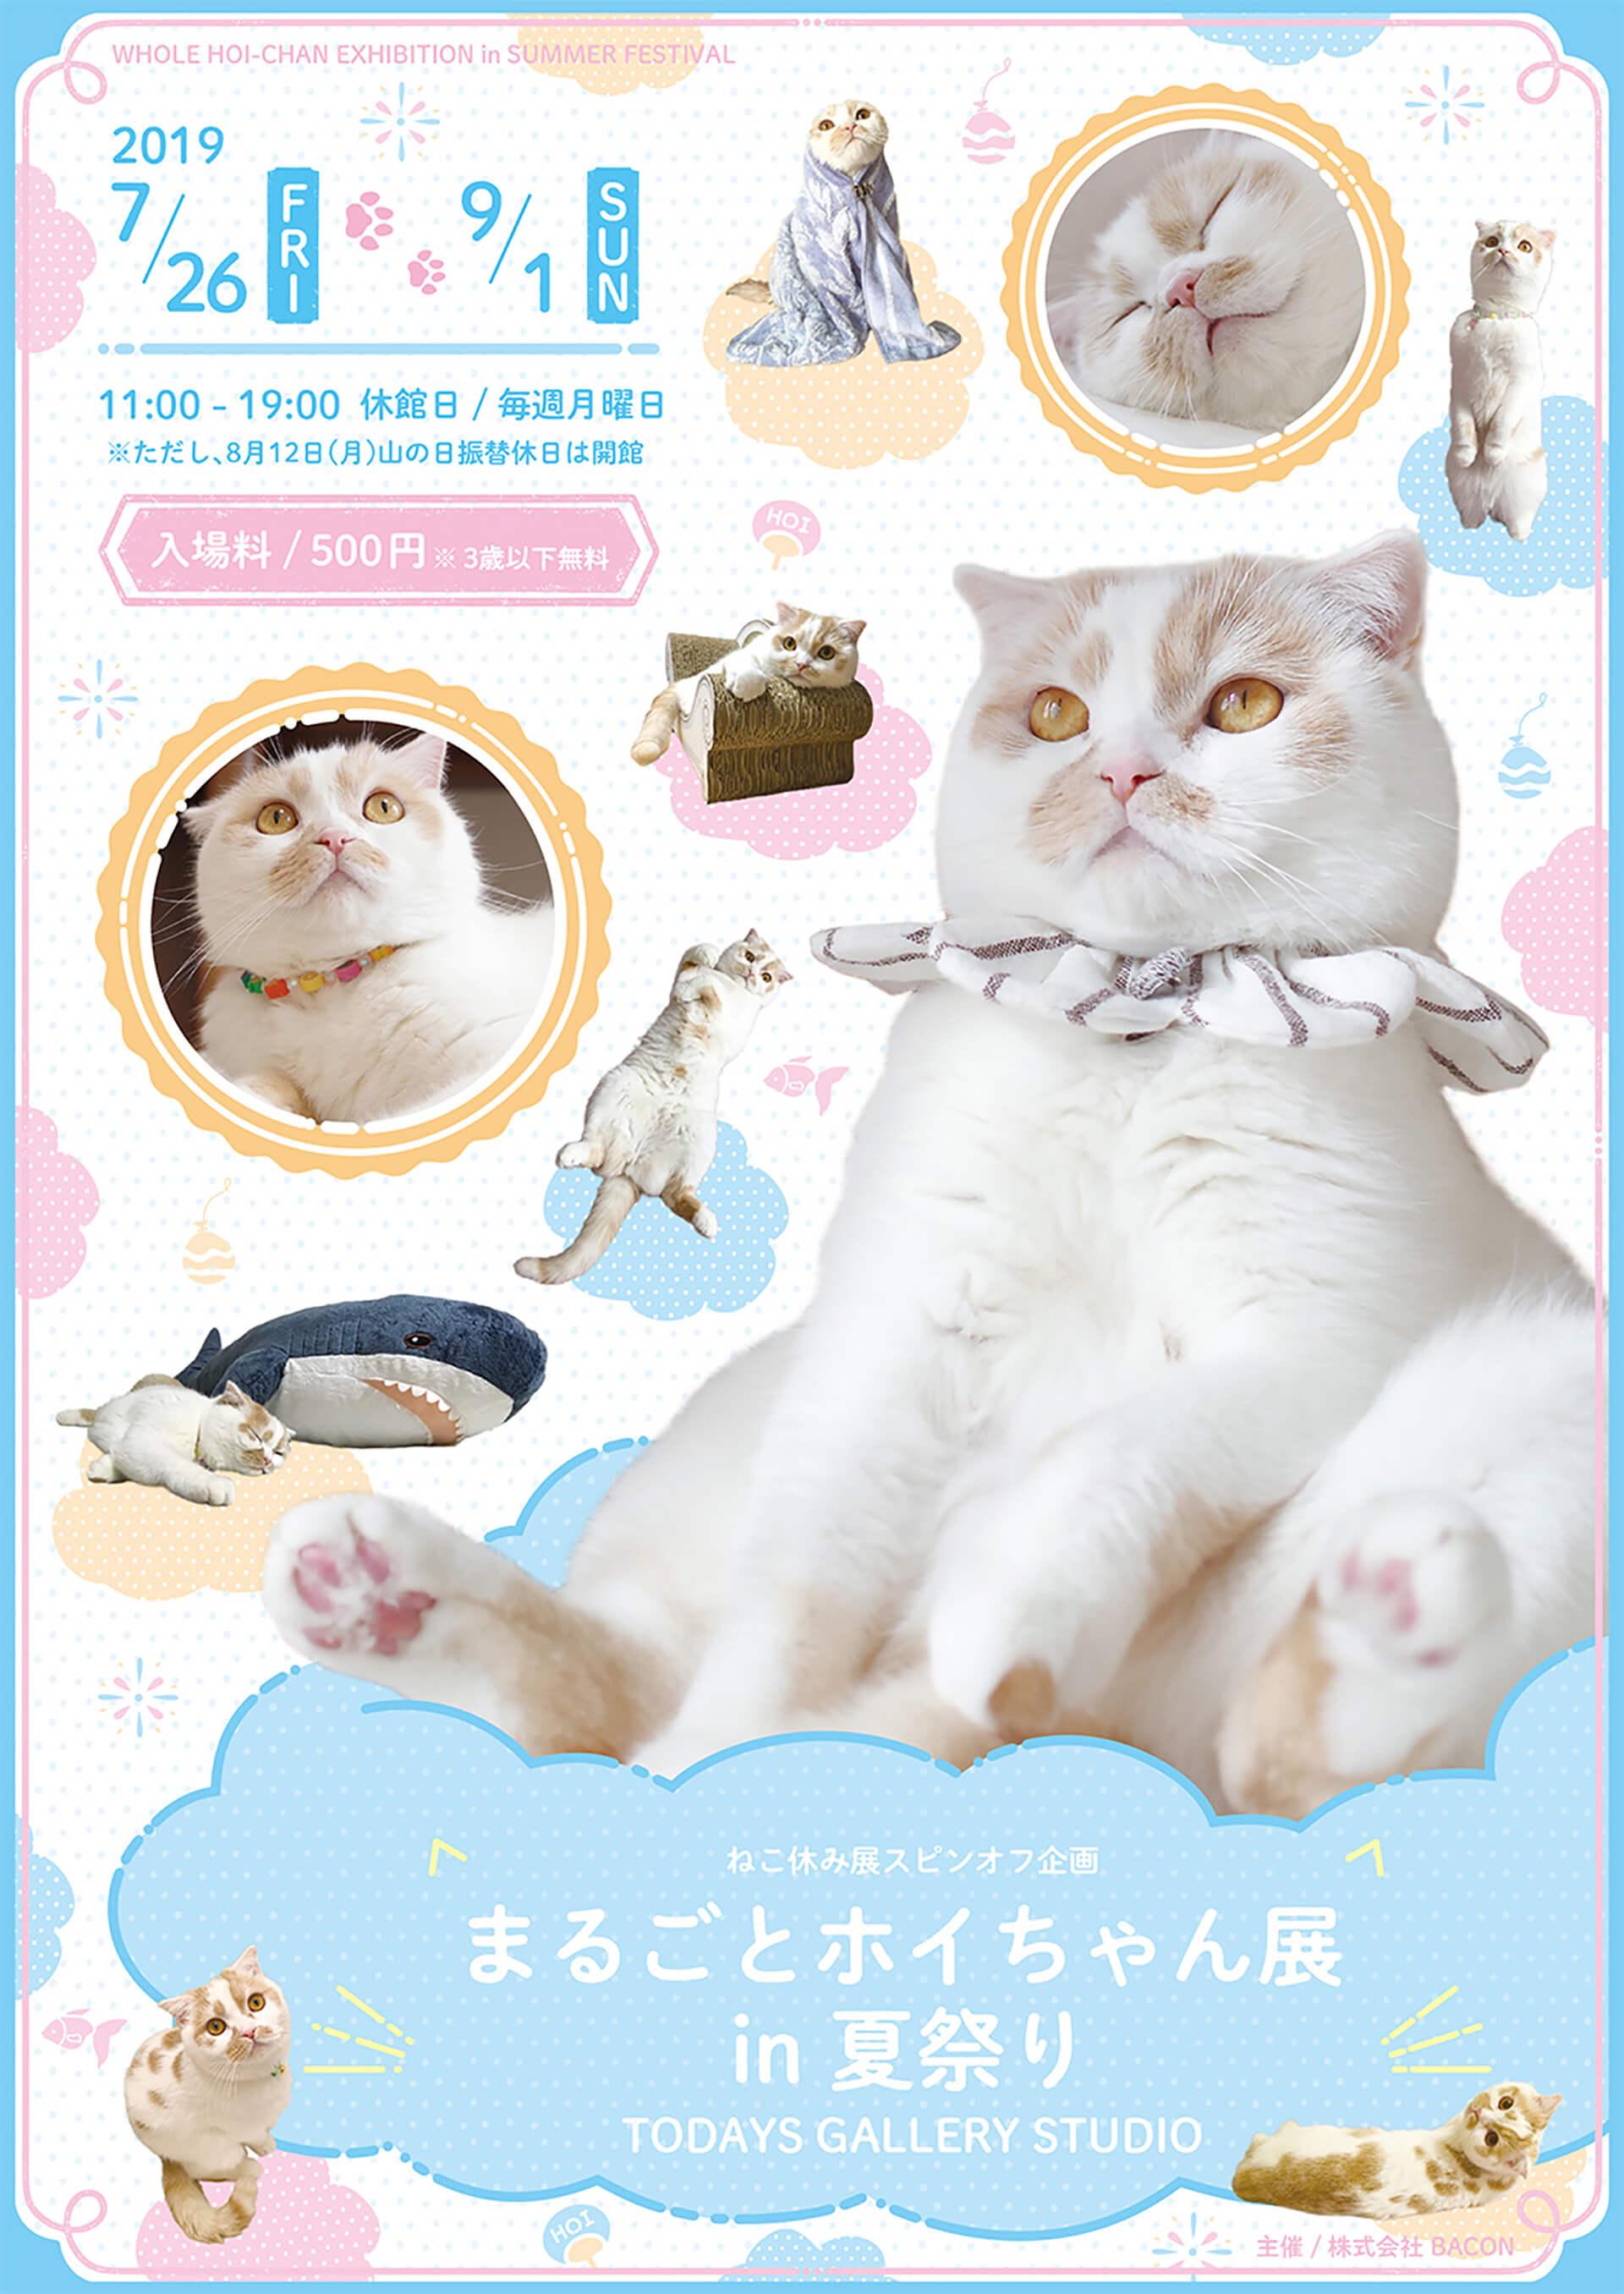 この写真はまるごとホイちゃん展 in 夏祭りの告知ポスター。ホイちゃんが沢山映ったビジュアルです